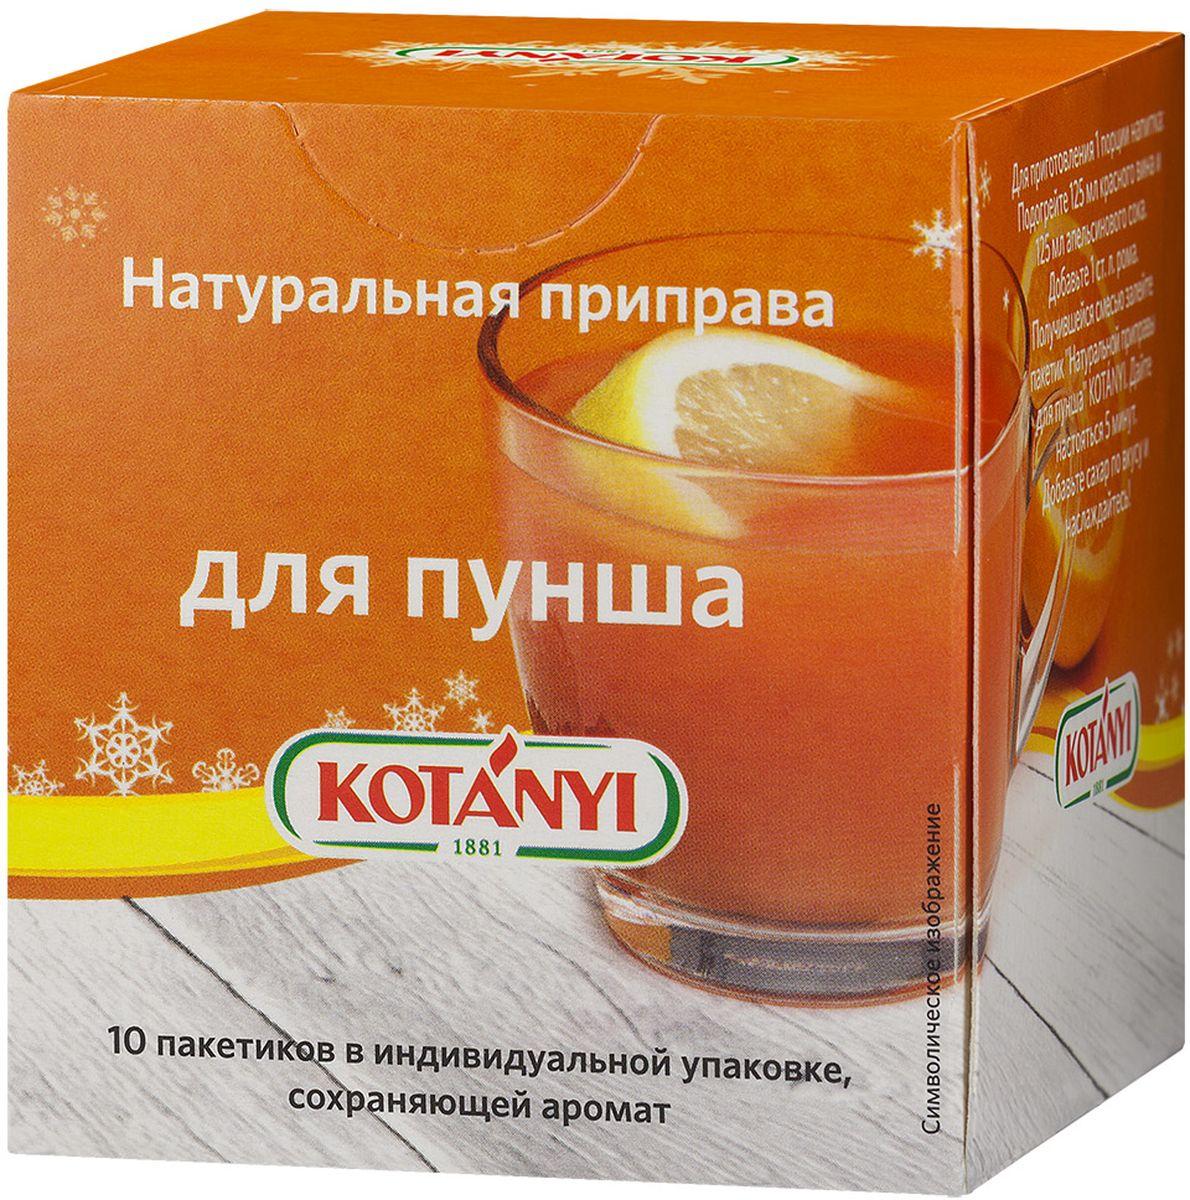 Kotanyi натуральная приправа для пунша, 10 пакетиков по 15 г0120710Корица, ароматная гвоздика, апельсиновая и лимонная цедра придают напитку типичный фруктовый вкус пунша. Вы будете в восторге от восхитительного рождественского аромата пунша Kotanyi с натуральной ванилью, имбирем и кардамоном.